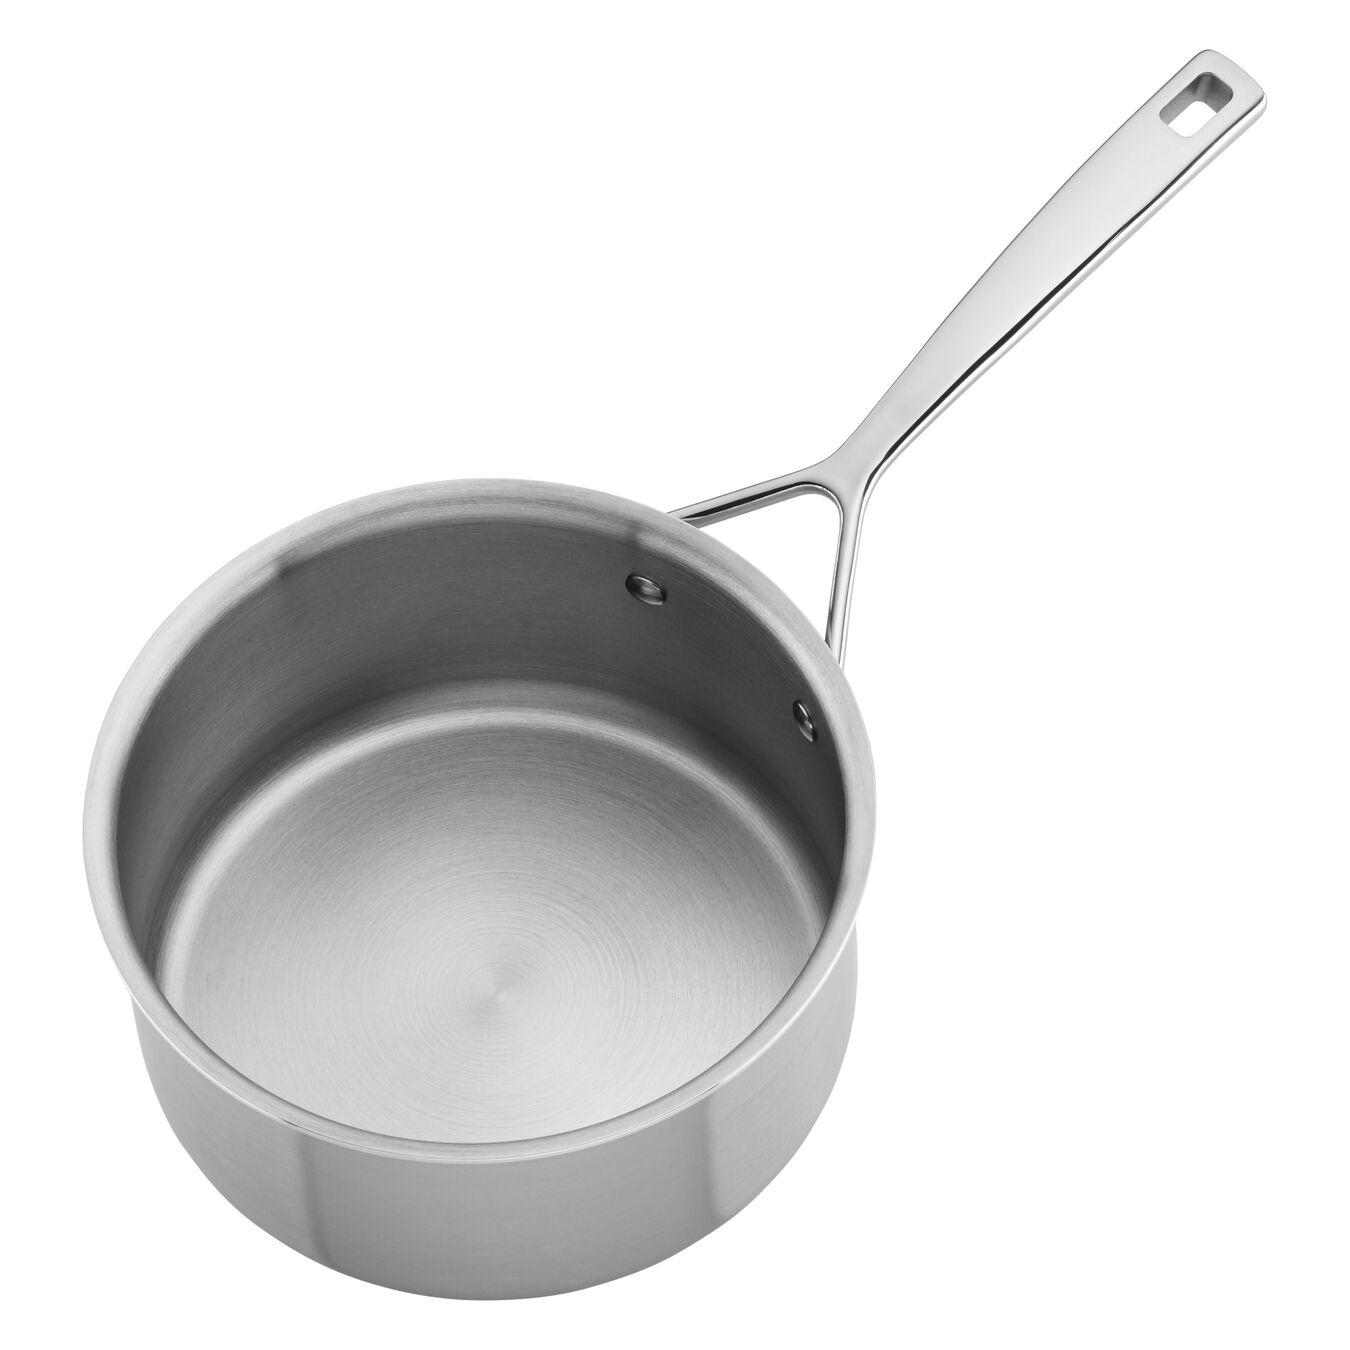 7-pcs 18/10 Stainless Steel Ensemble de casseroles et poêles,,large 4